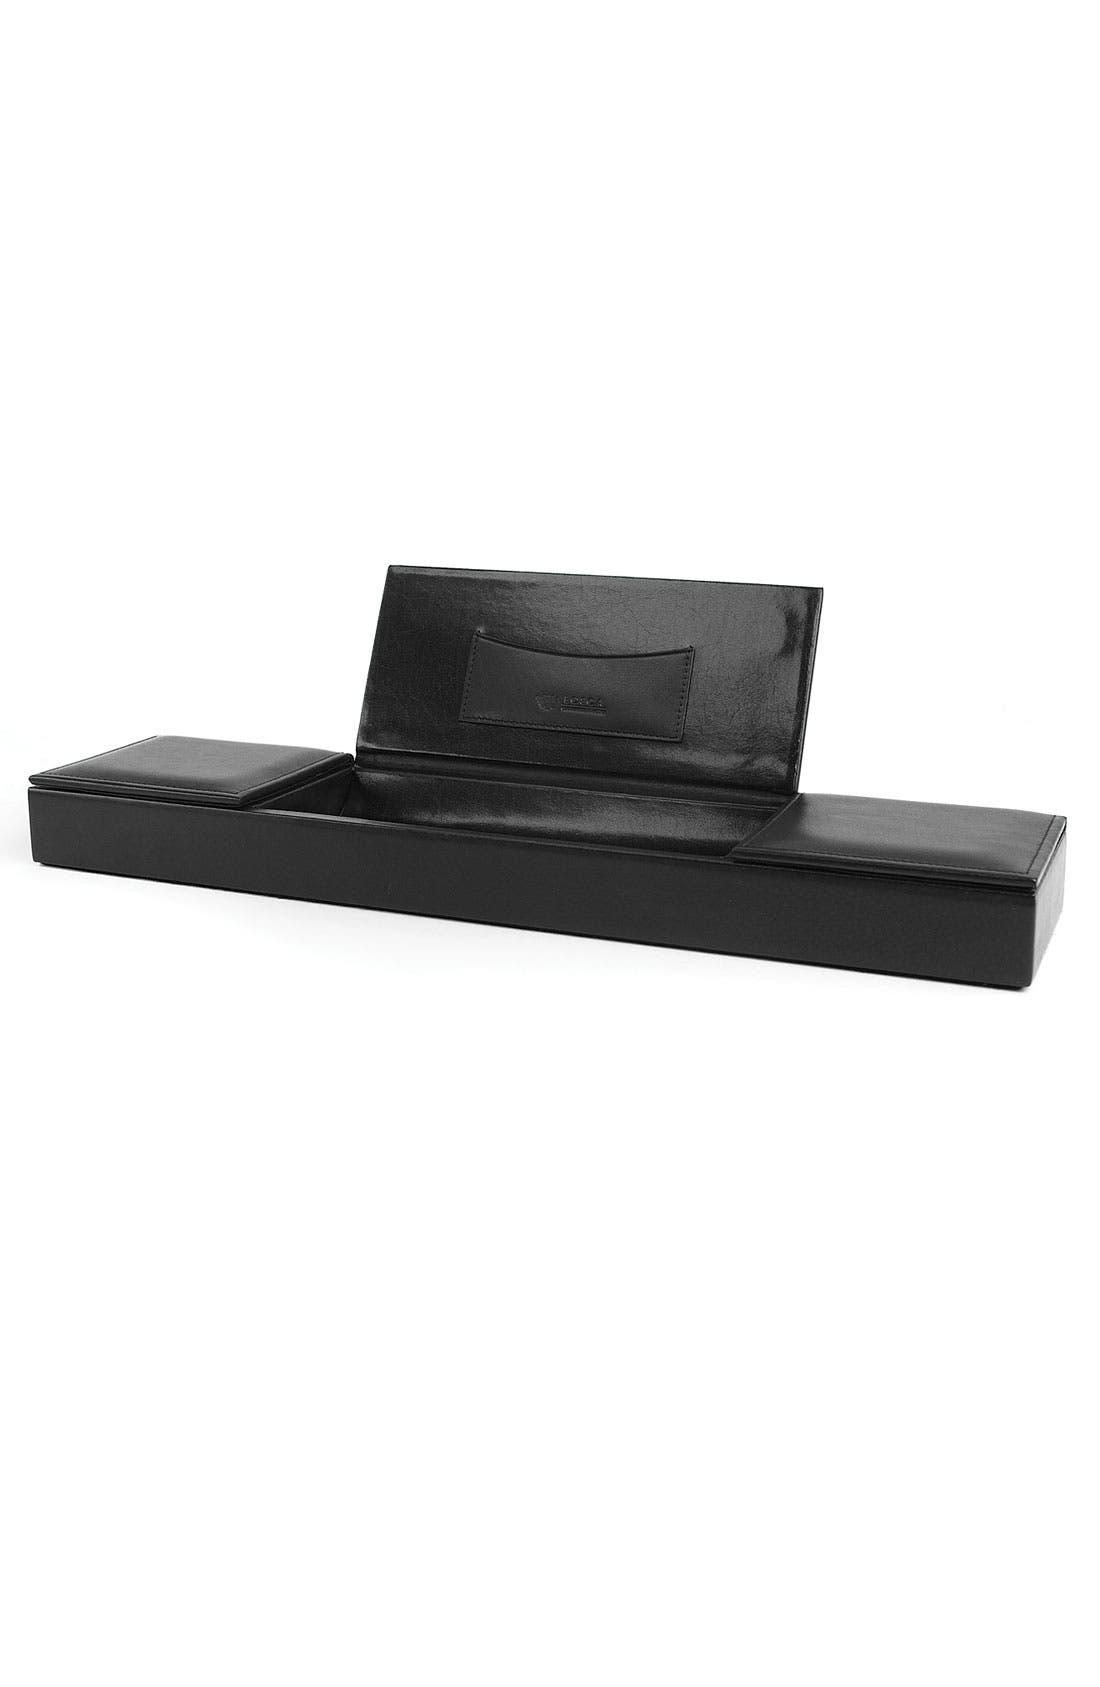 Main Image - Bosca 'Nappa Vitello Collection' Leather Desk Organizer